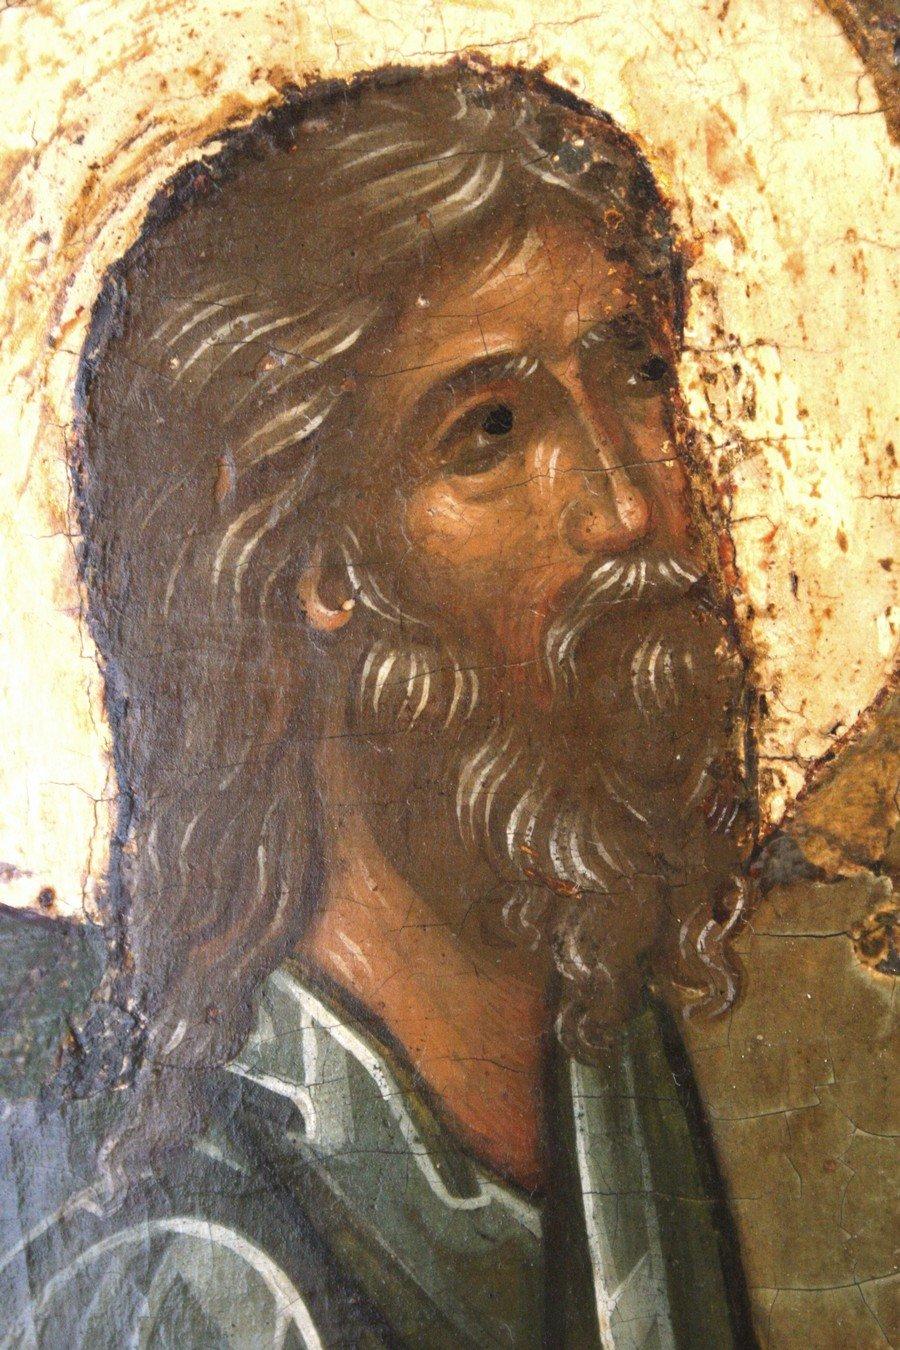 Пресвятая Троица. Икона. Ярославль, середина XVI века. Фрагмент. Праотец Авраам.